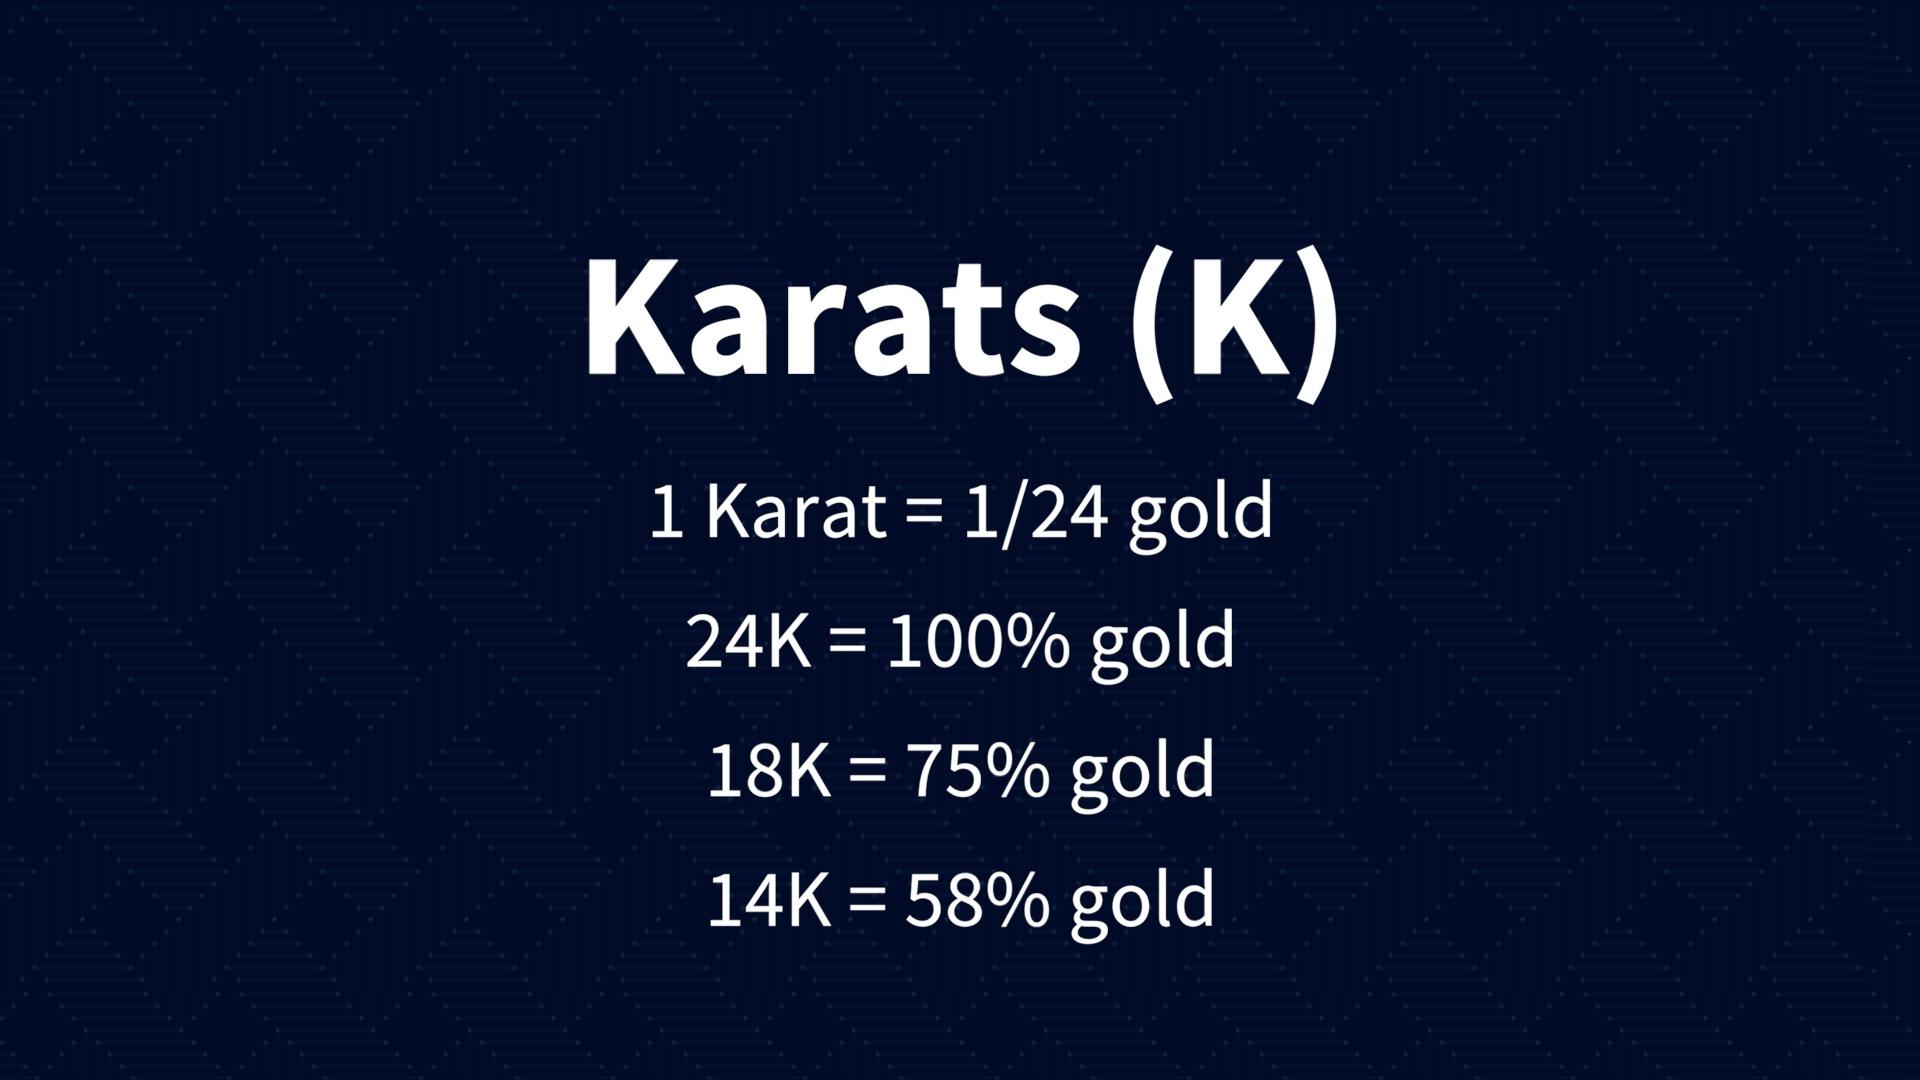 Gold karats explained